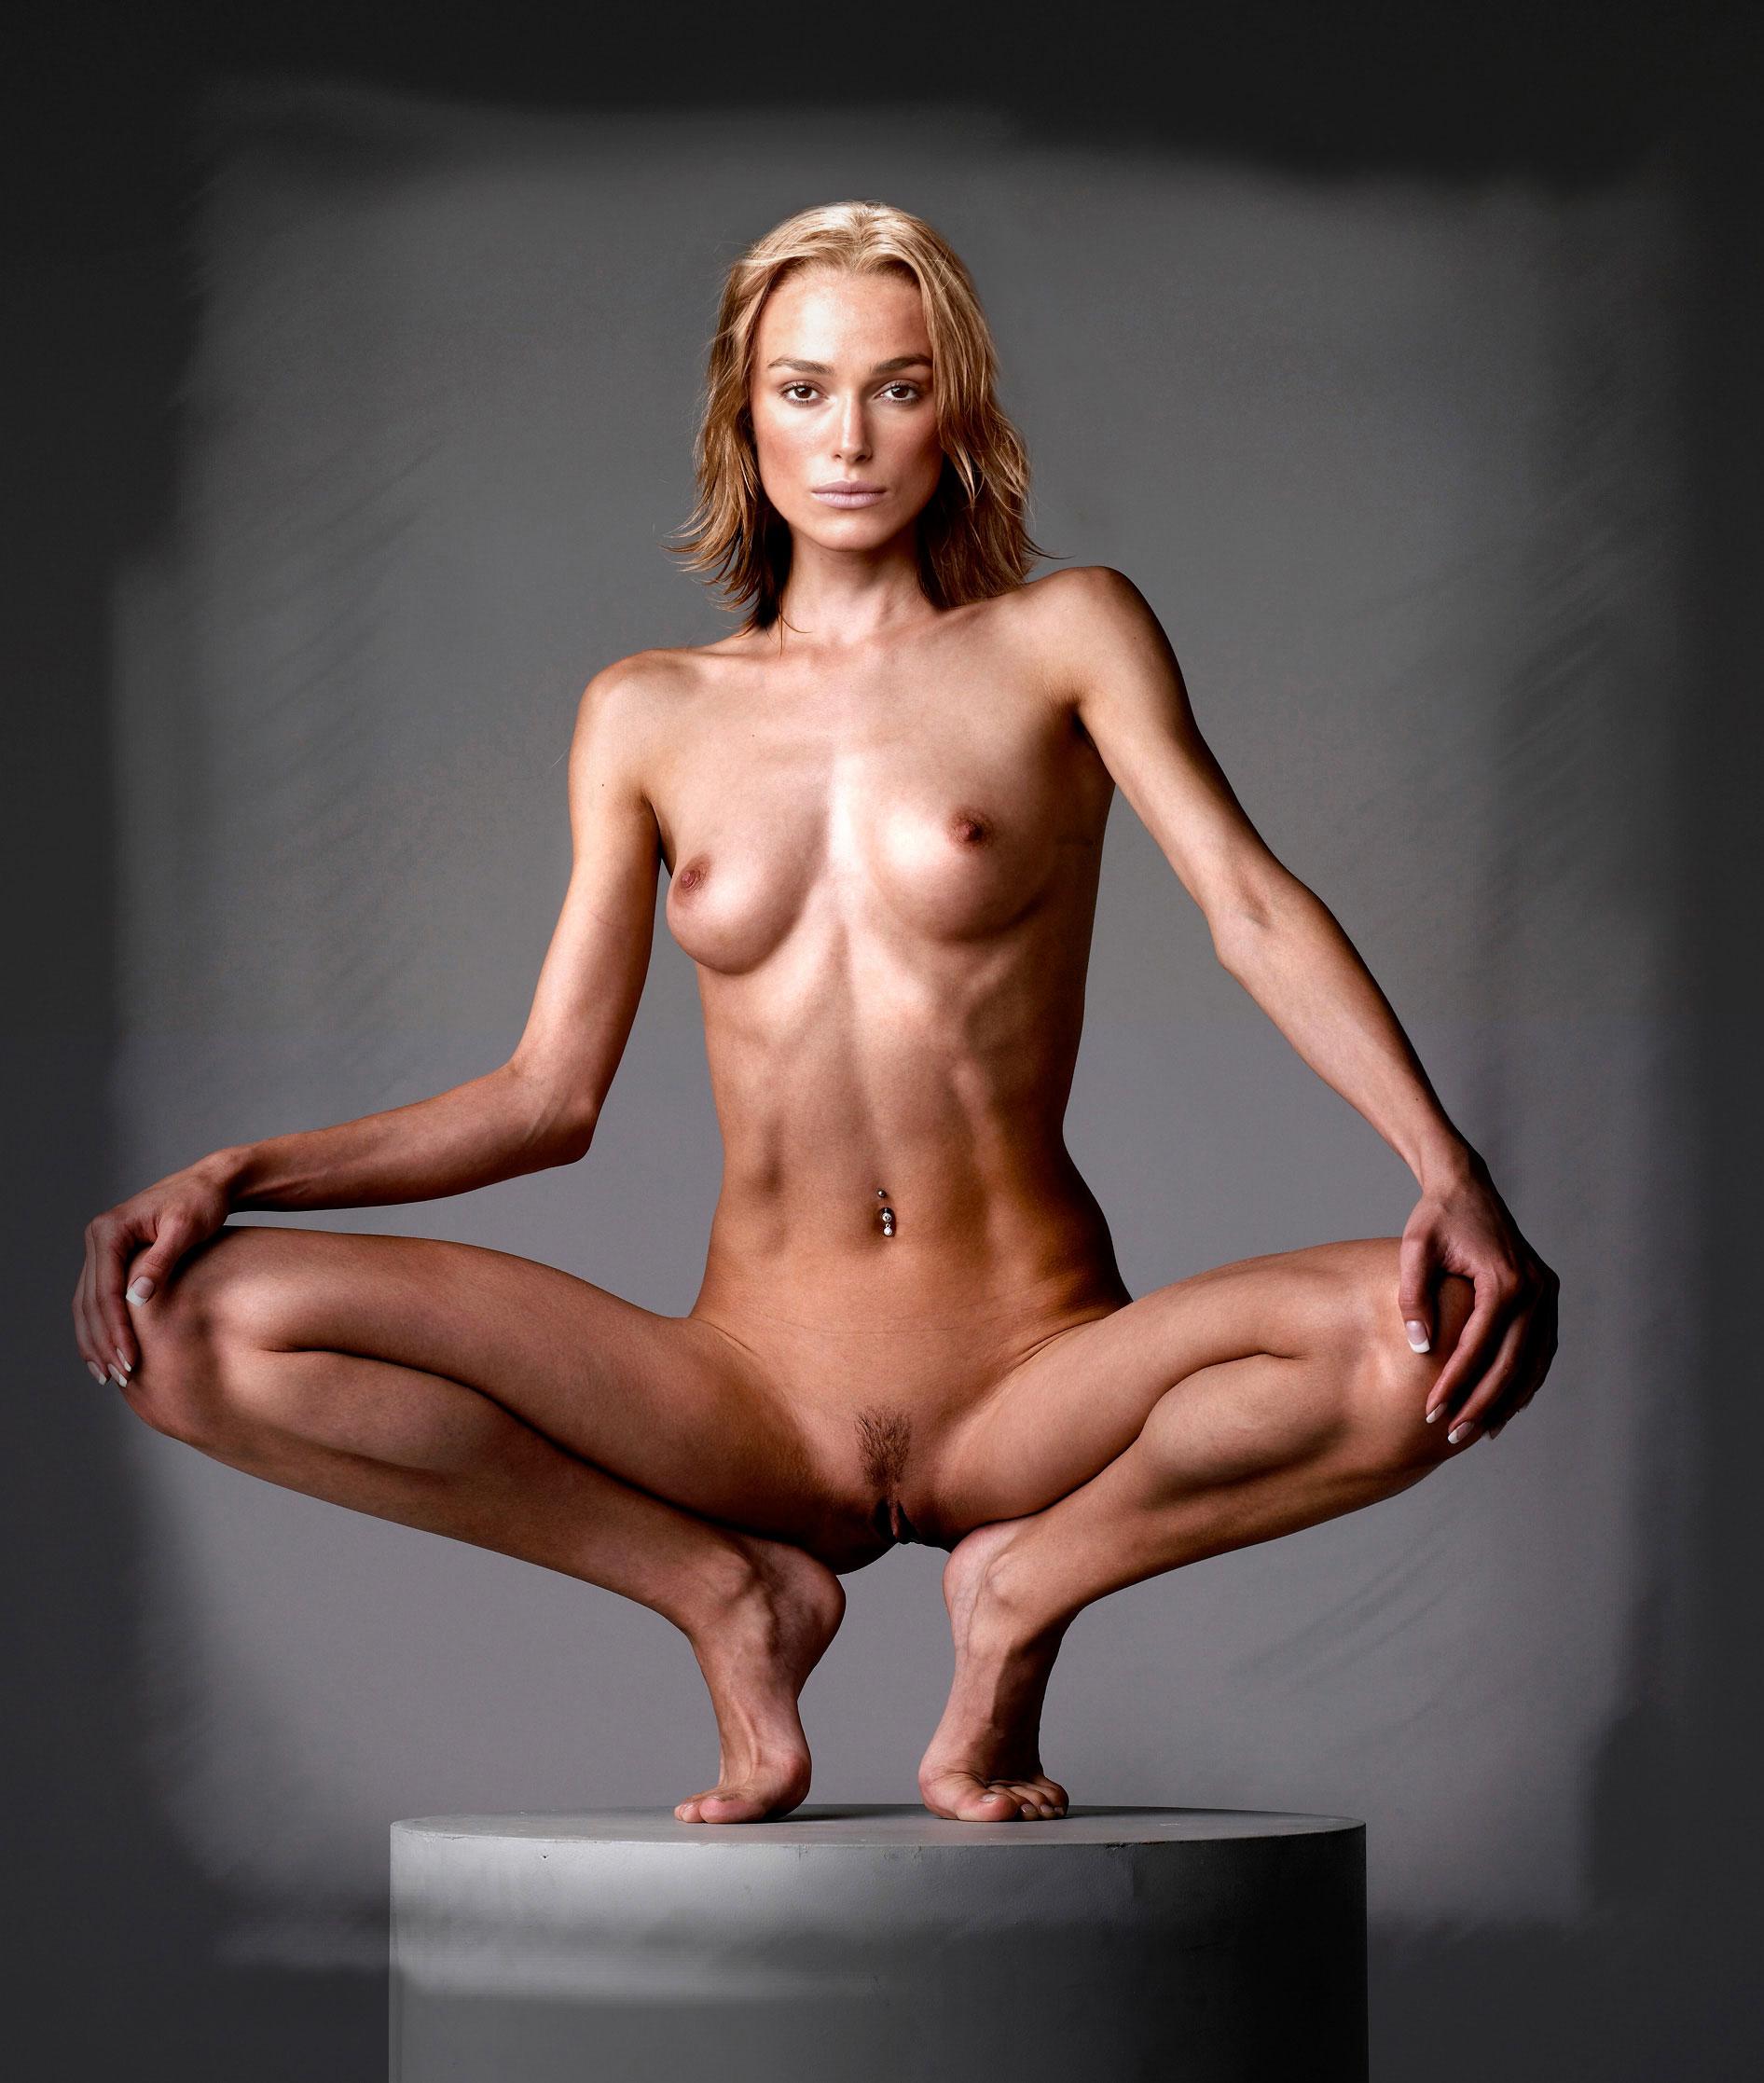 celeb fake nude list jpg 853x1280